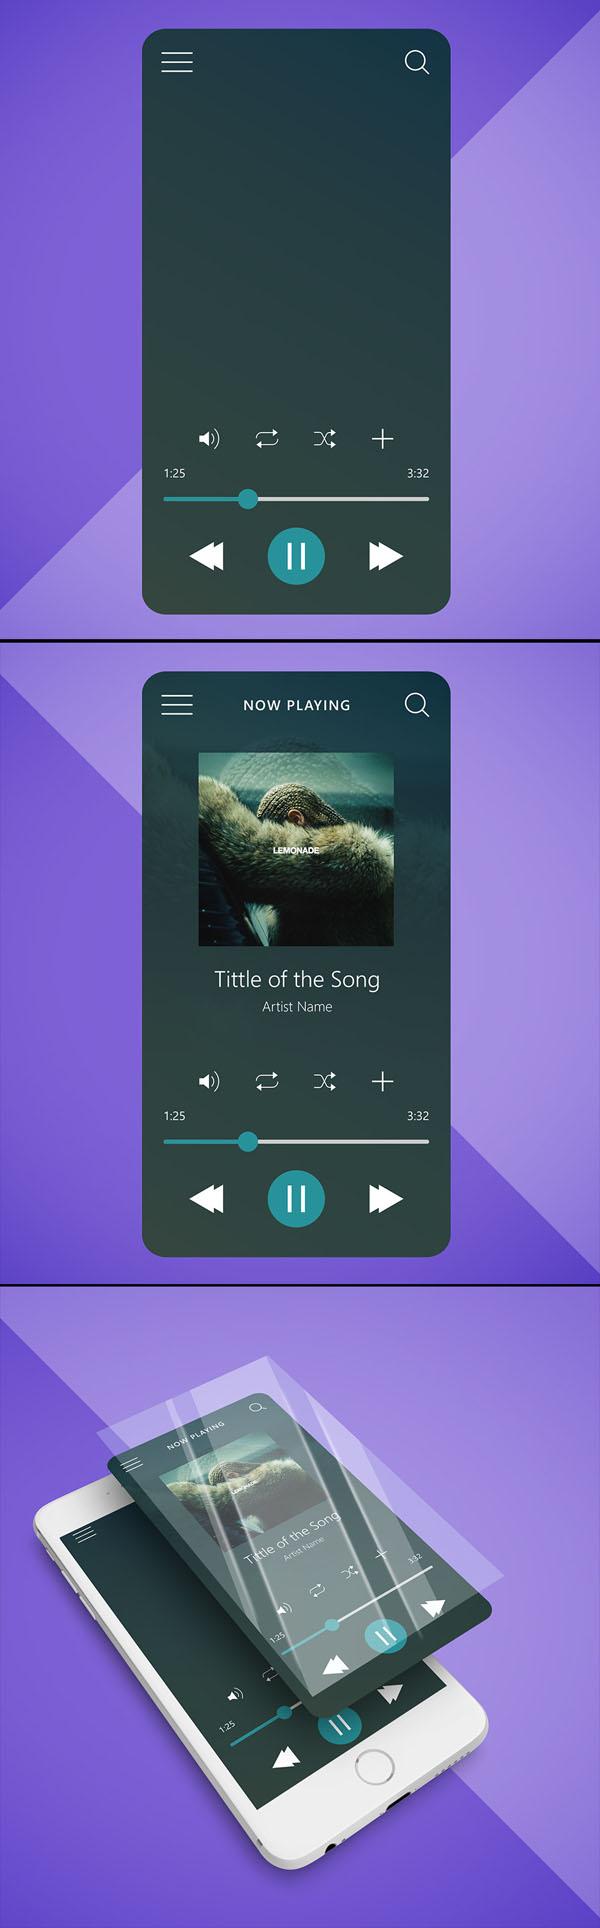 Interfaz del reproductor de música - Maqueta de UI gratis + Ilustración